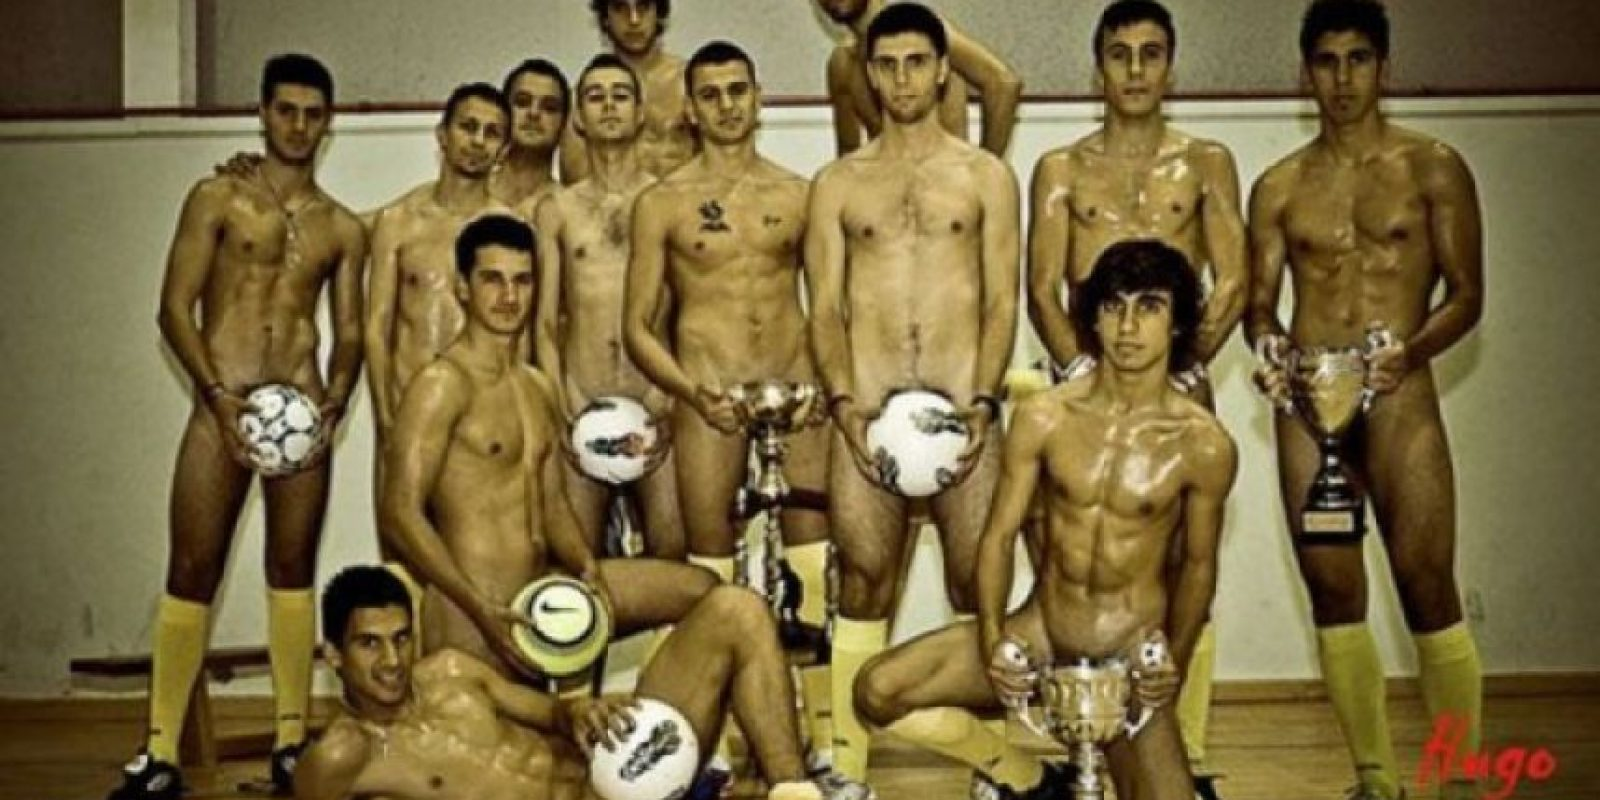 Jugadores del Club Deportivo Santa Eulalia de Donas Los elementos de este club de la tercera división española aparecieron desnudos para su calendario de 2012. Foto:Especial